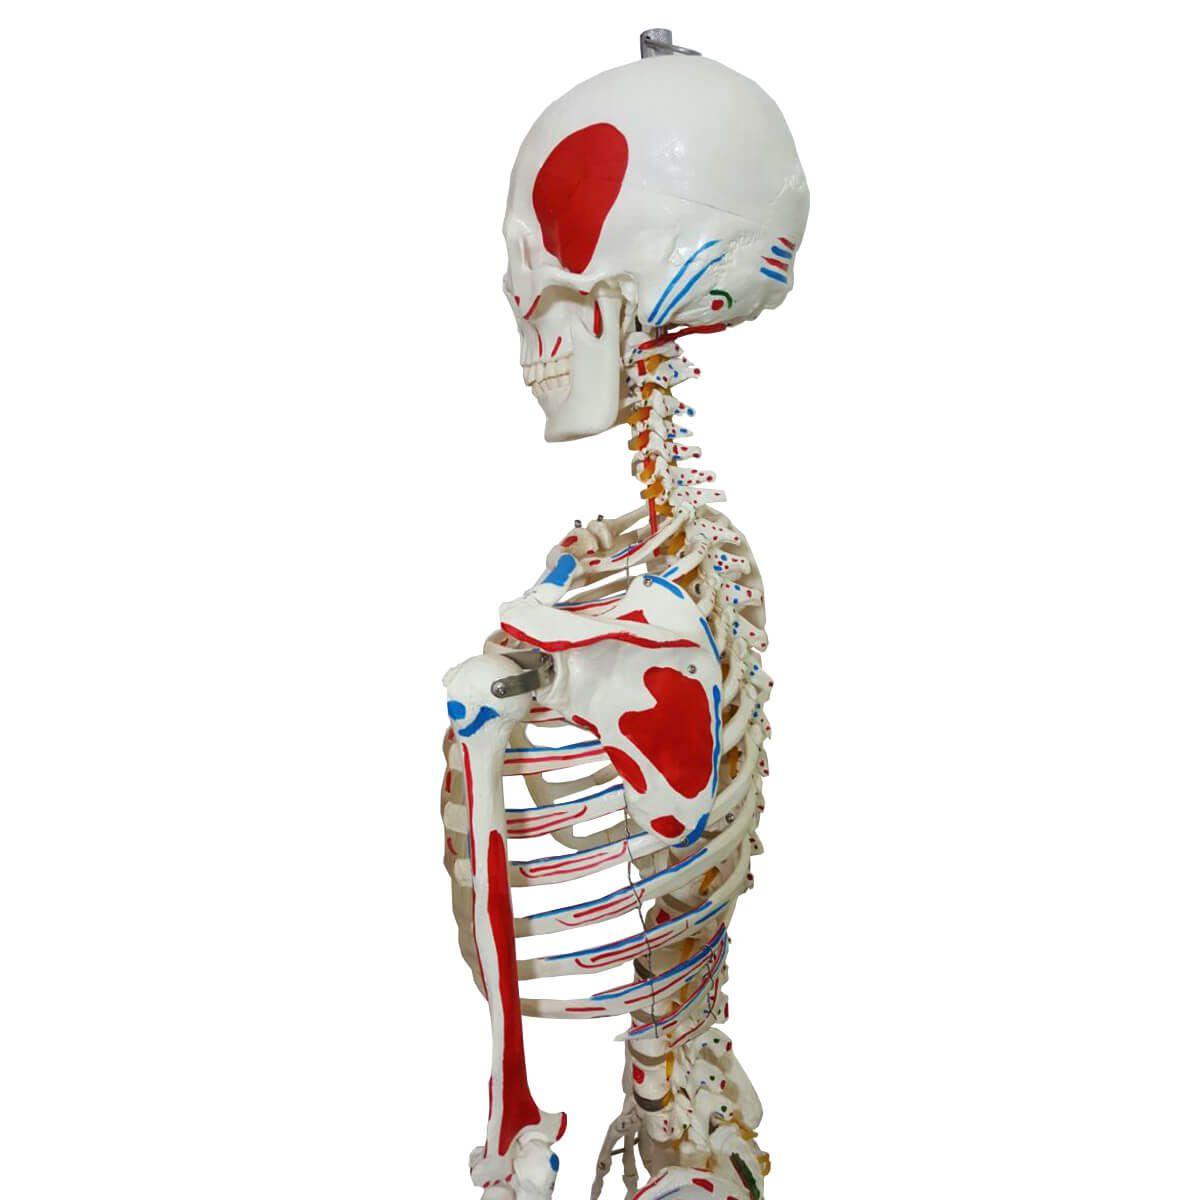 Esqueleto 168 Cm, Articulado, com Inserções Musculares, com Suporte E Base com Rodas